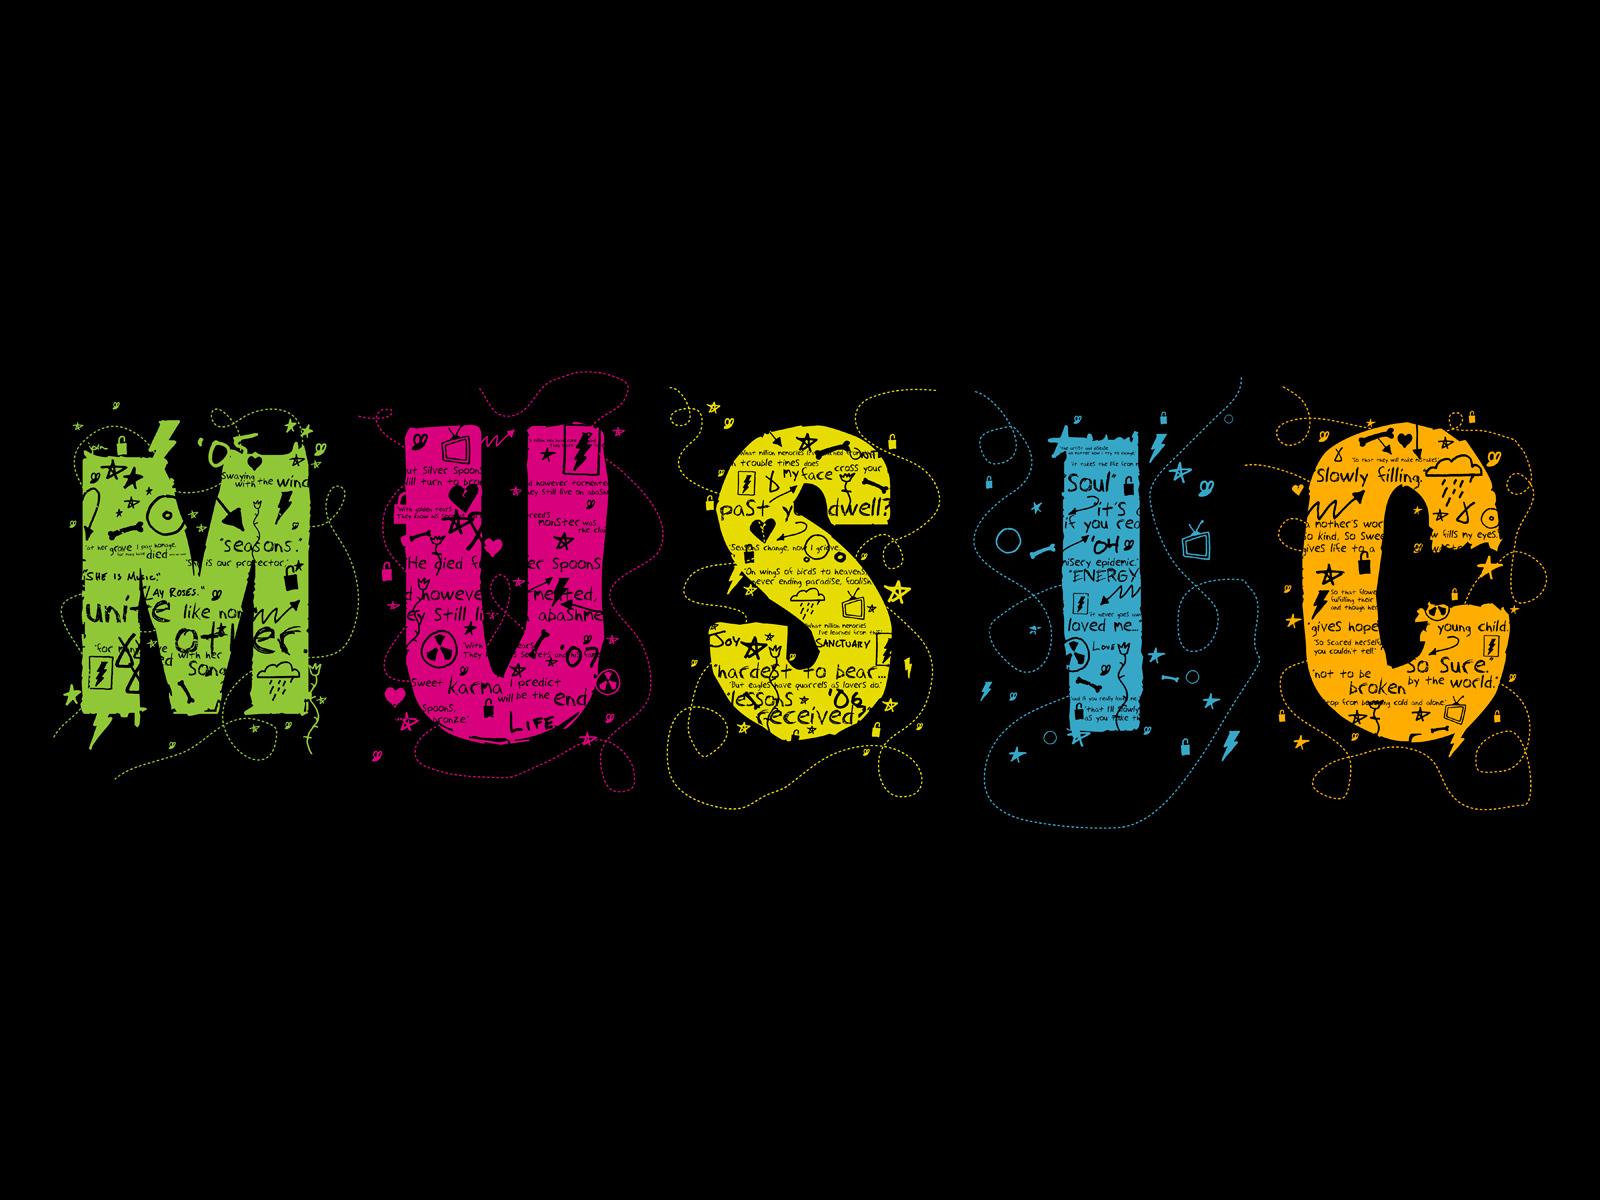 Müzik türleri: liste, örnekler, adlar